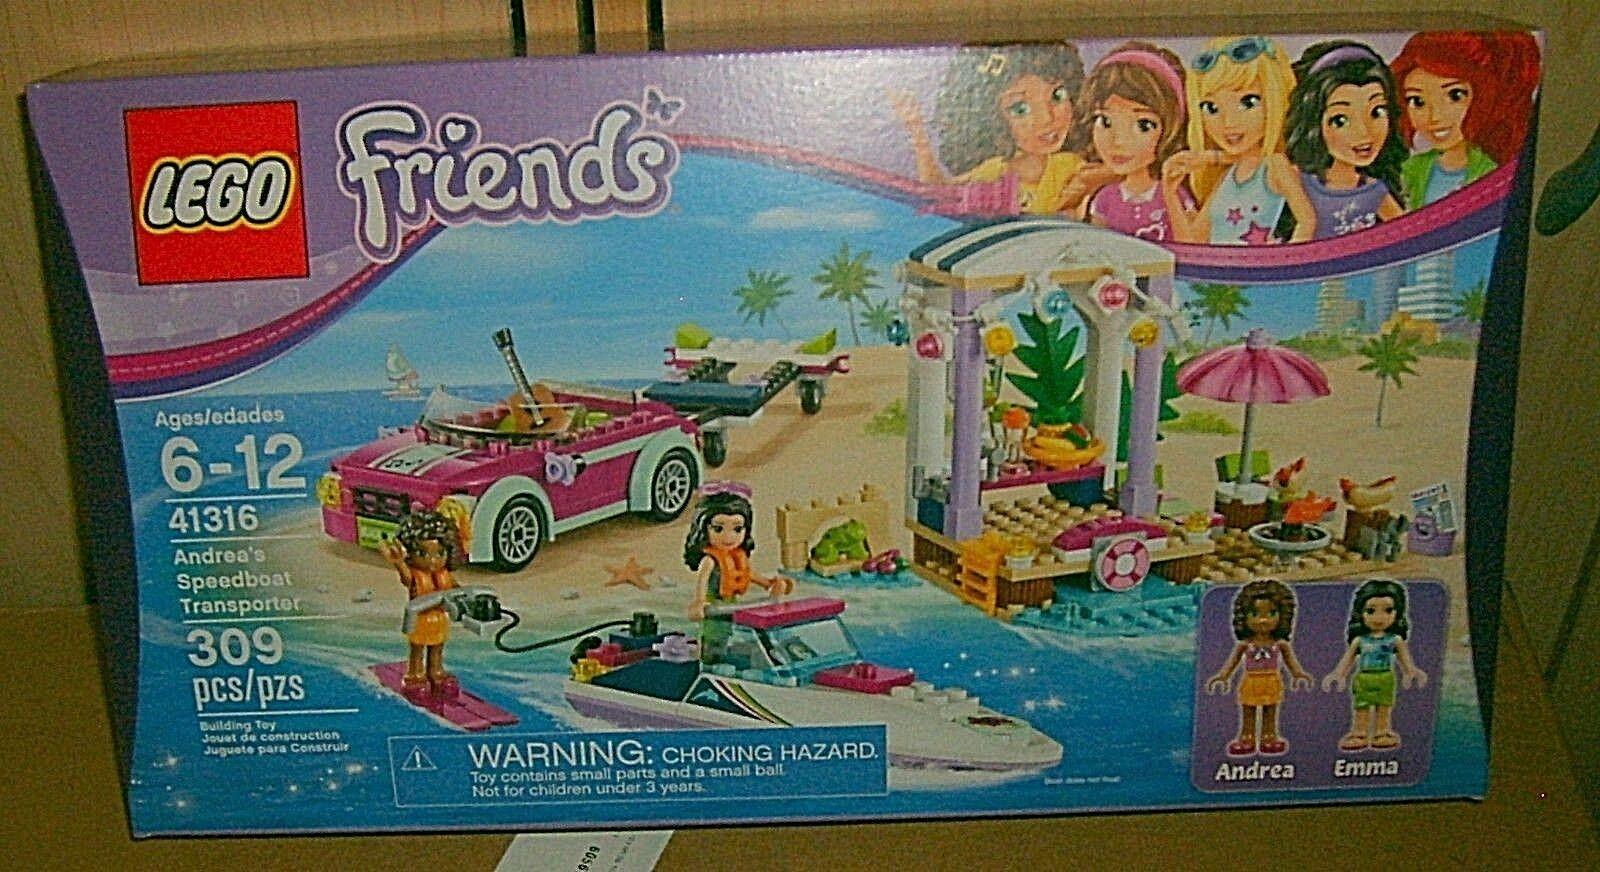 LEGO friends friends friends Andrea's Speeedboat Transporter pcs 454455